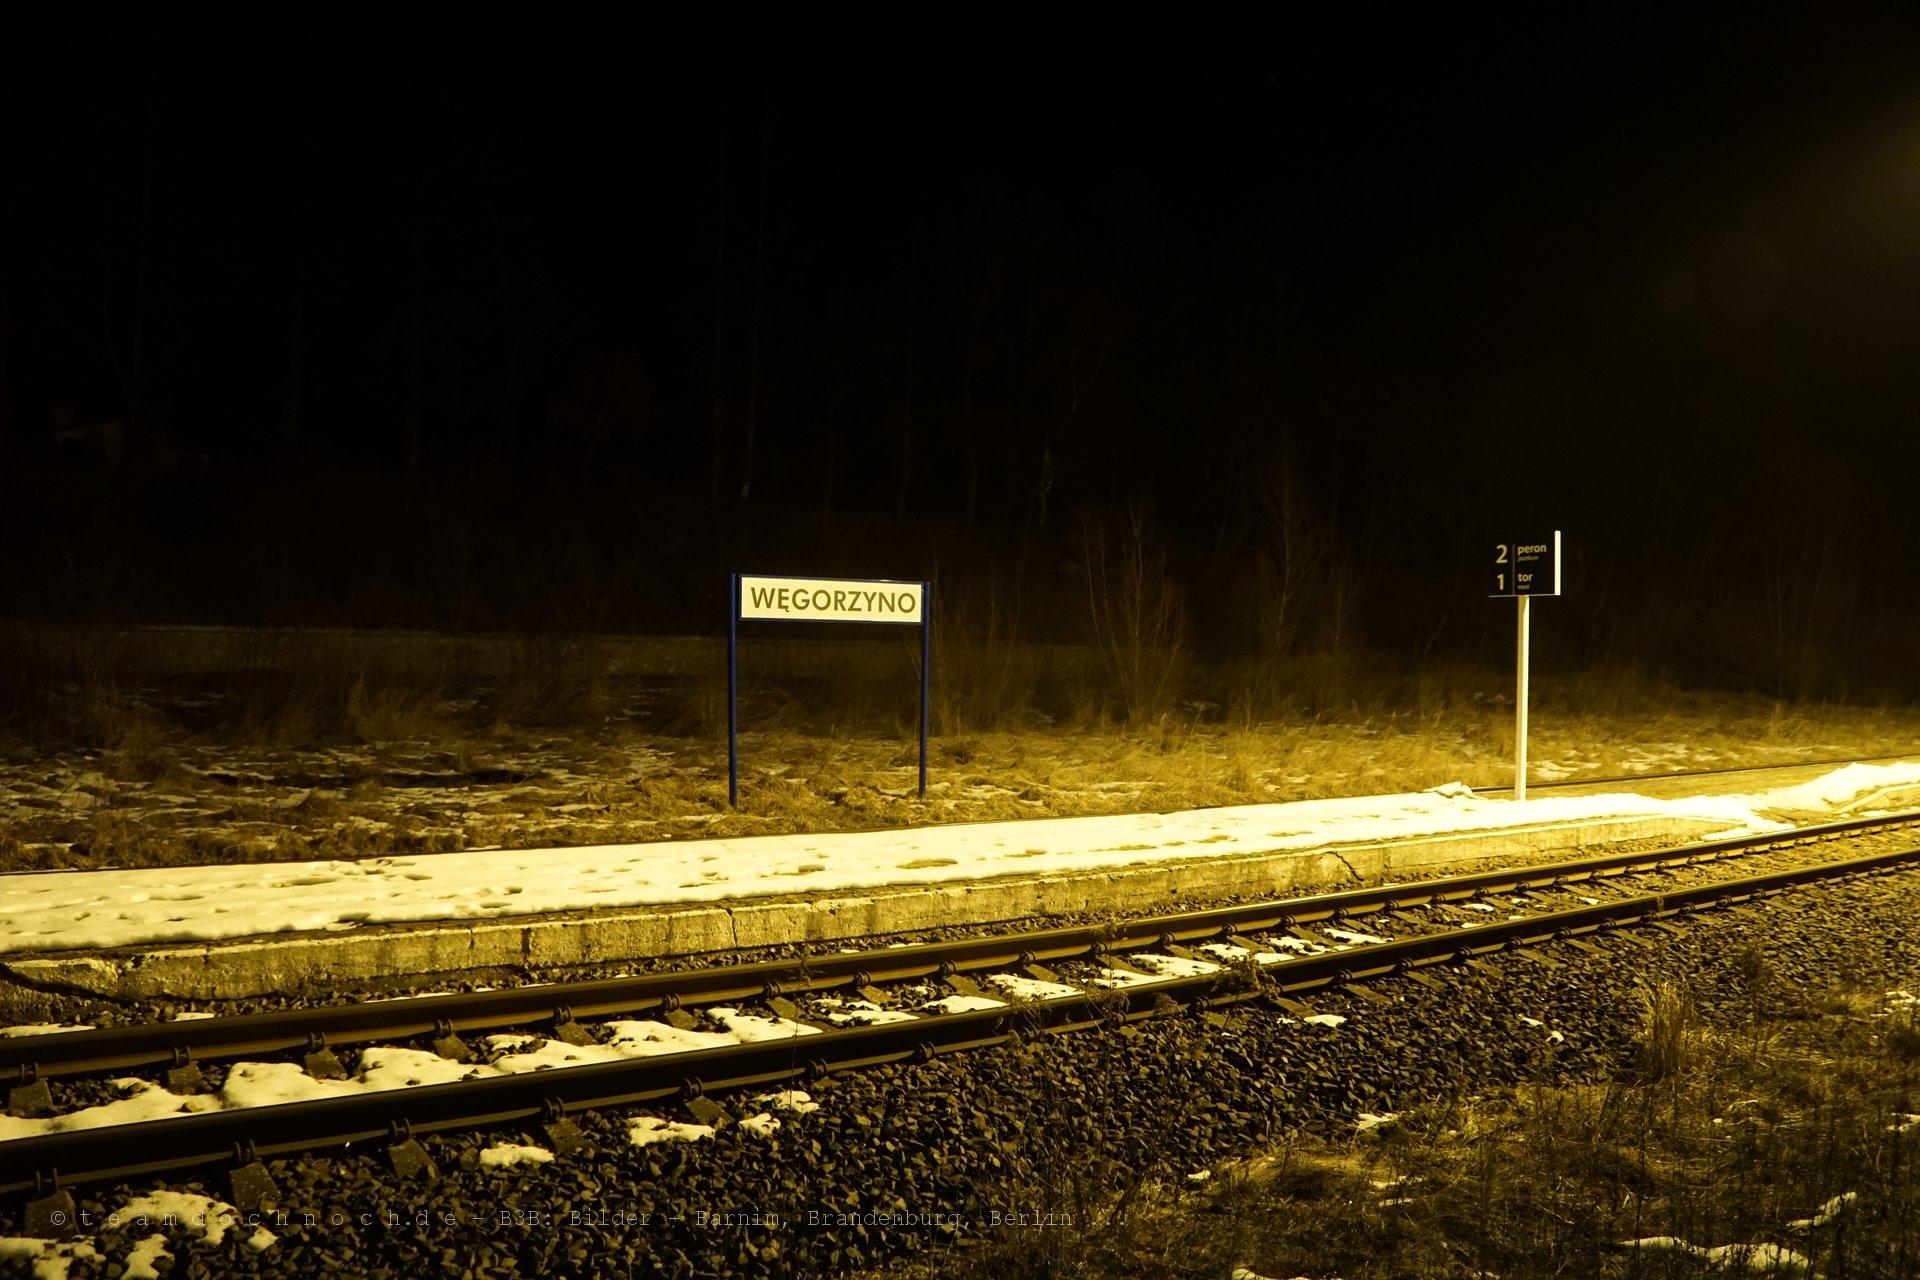 Bahnhof Węgorzyno